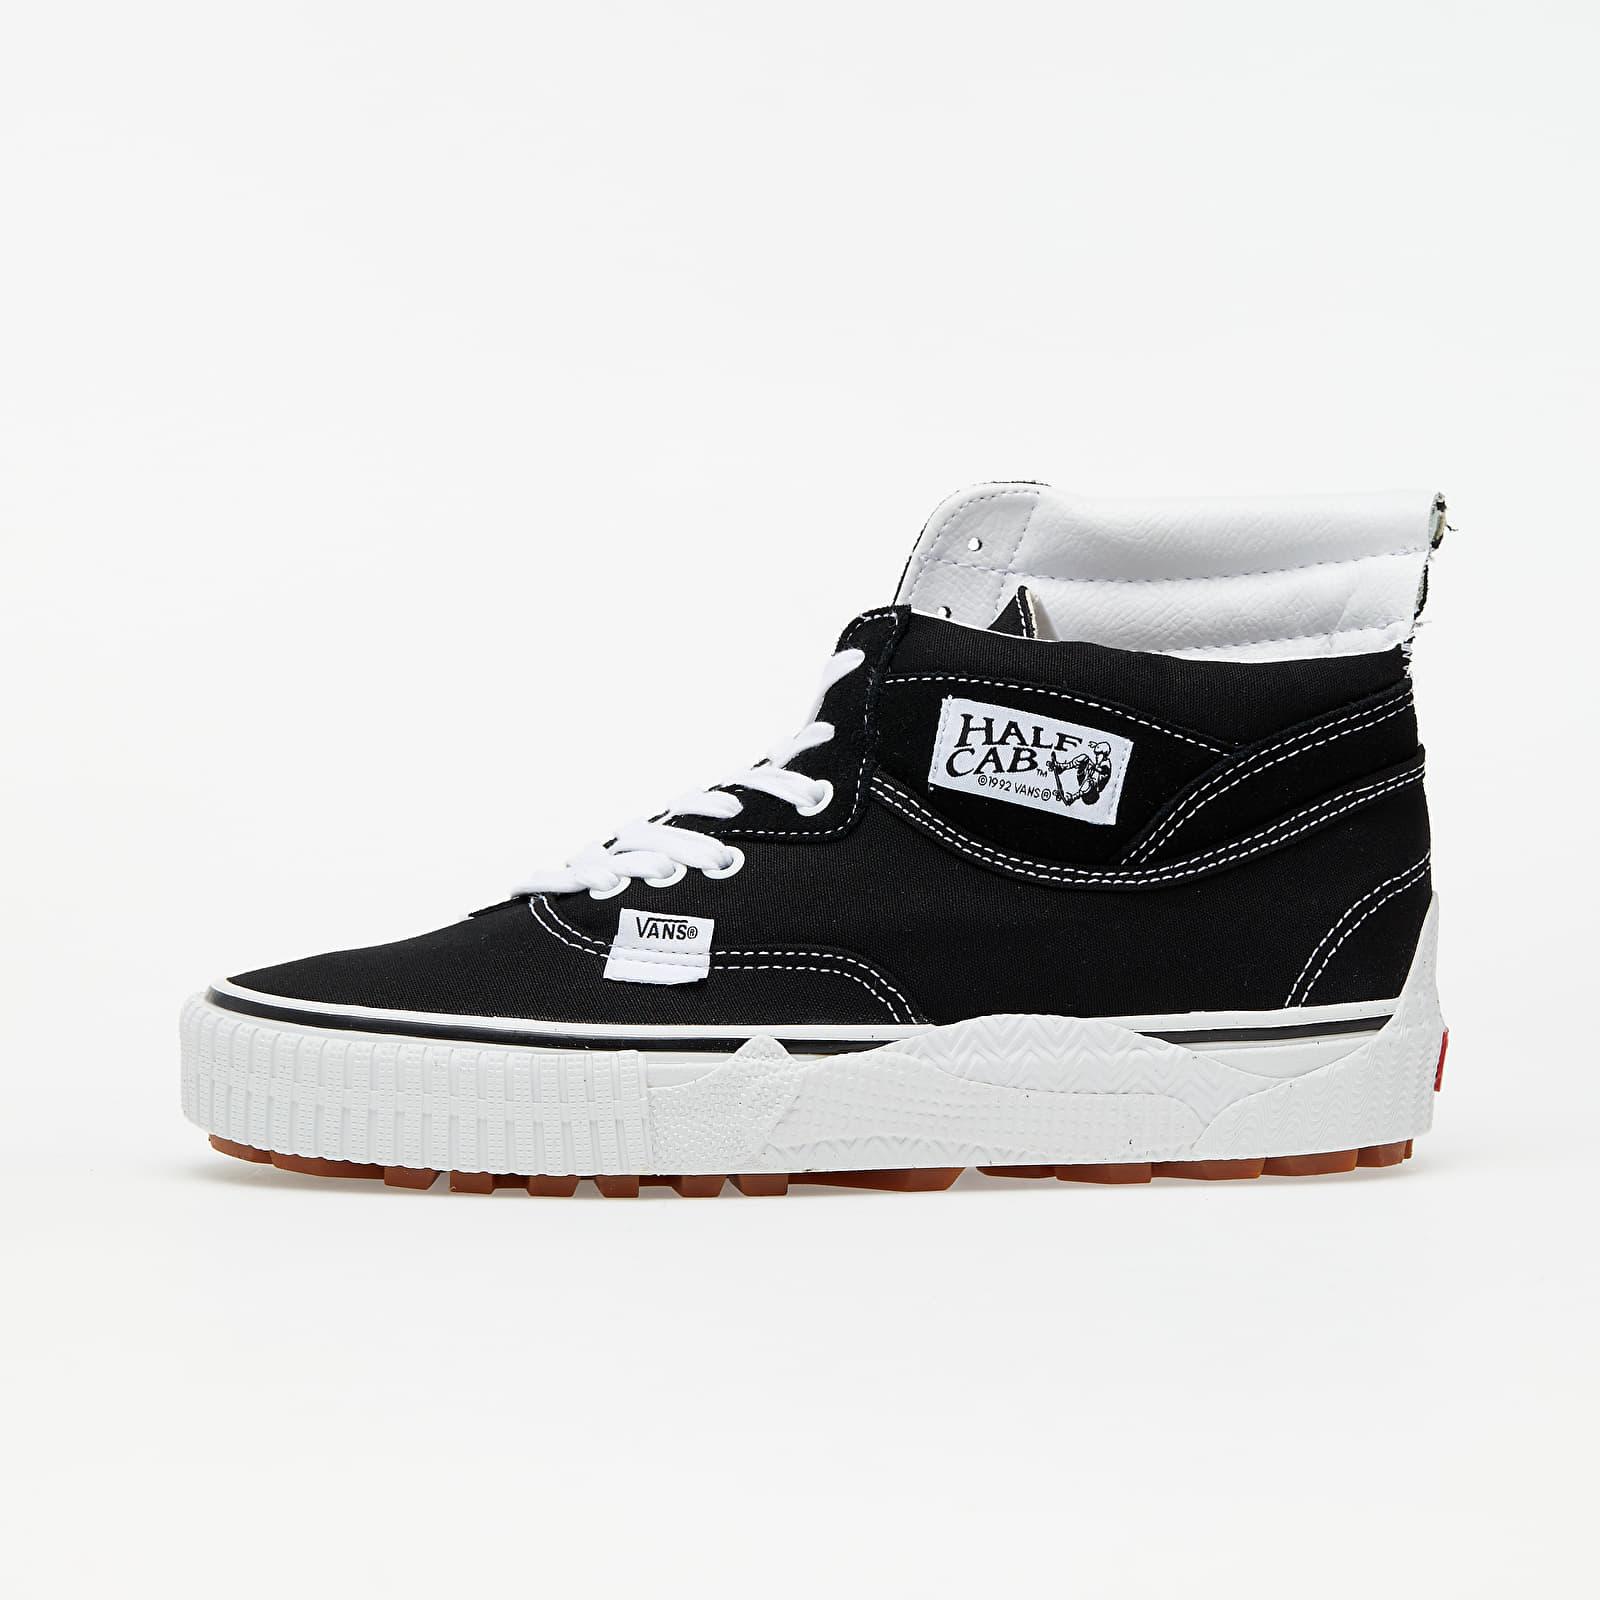 Vans Cap Mash Hi LX (Suede/ Canvas) Black/ White EUR 42